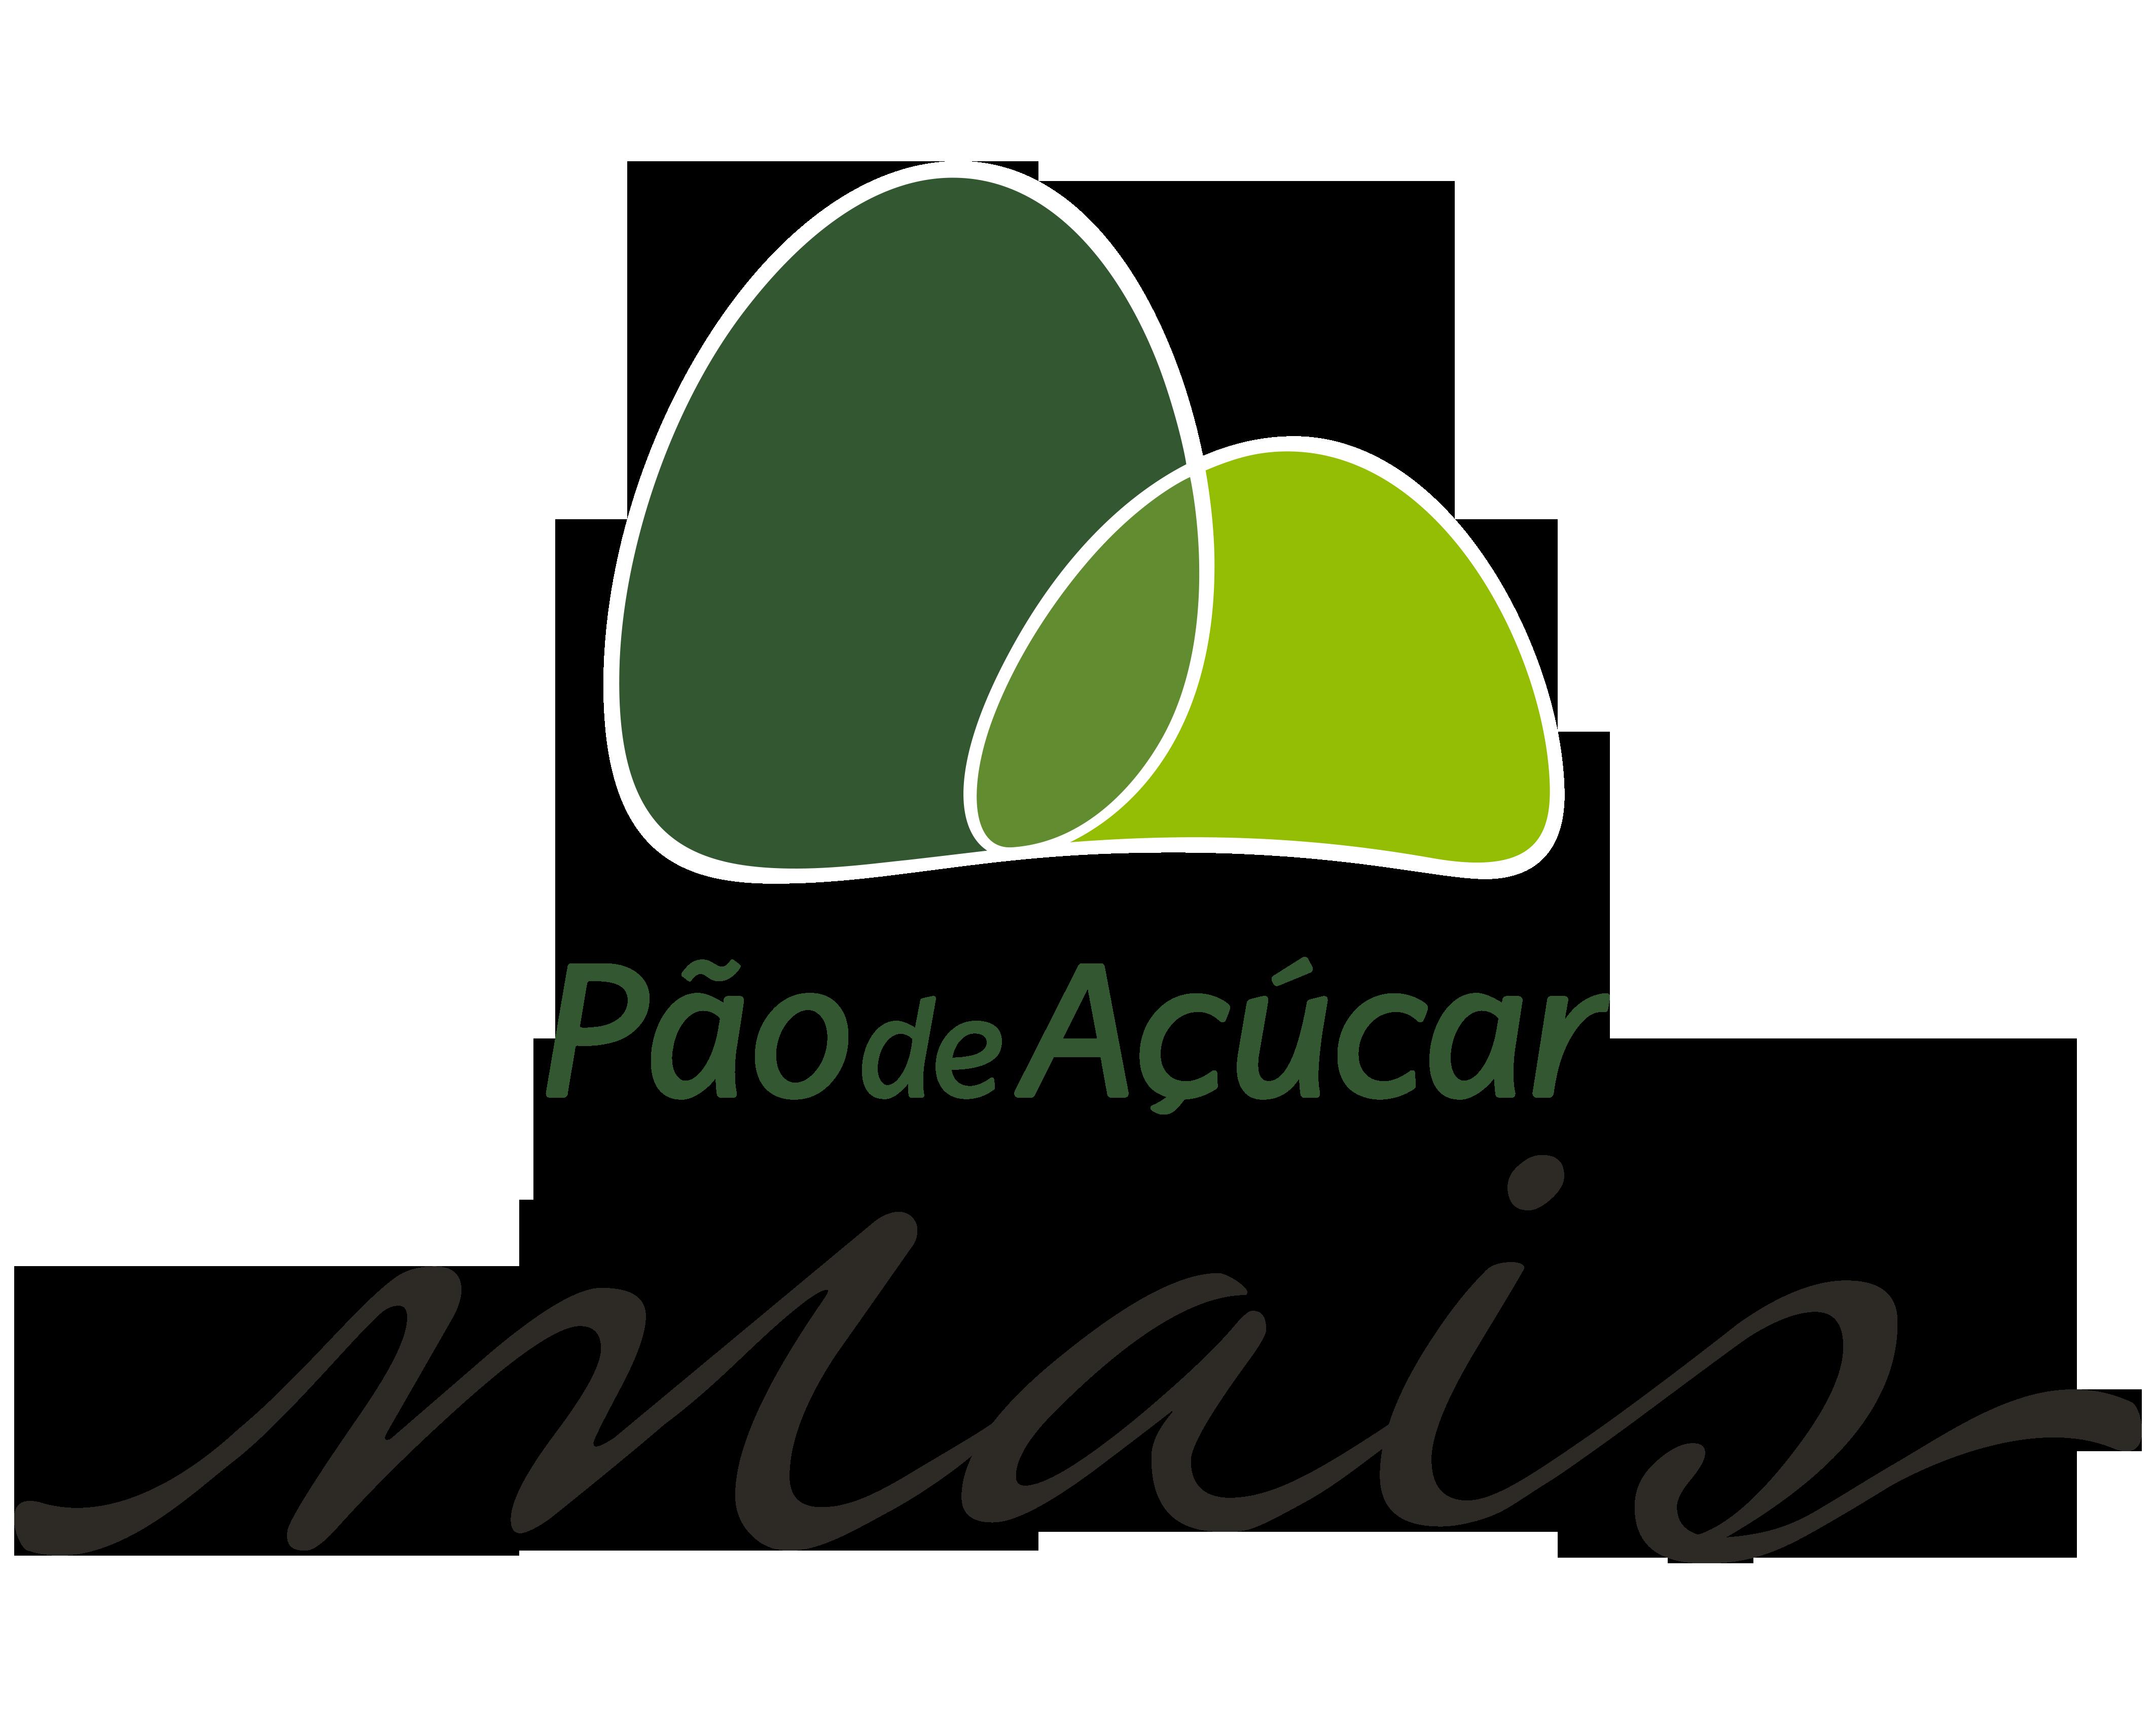 logos-pa-mais-verde-1